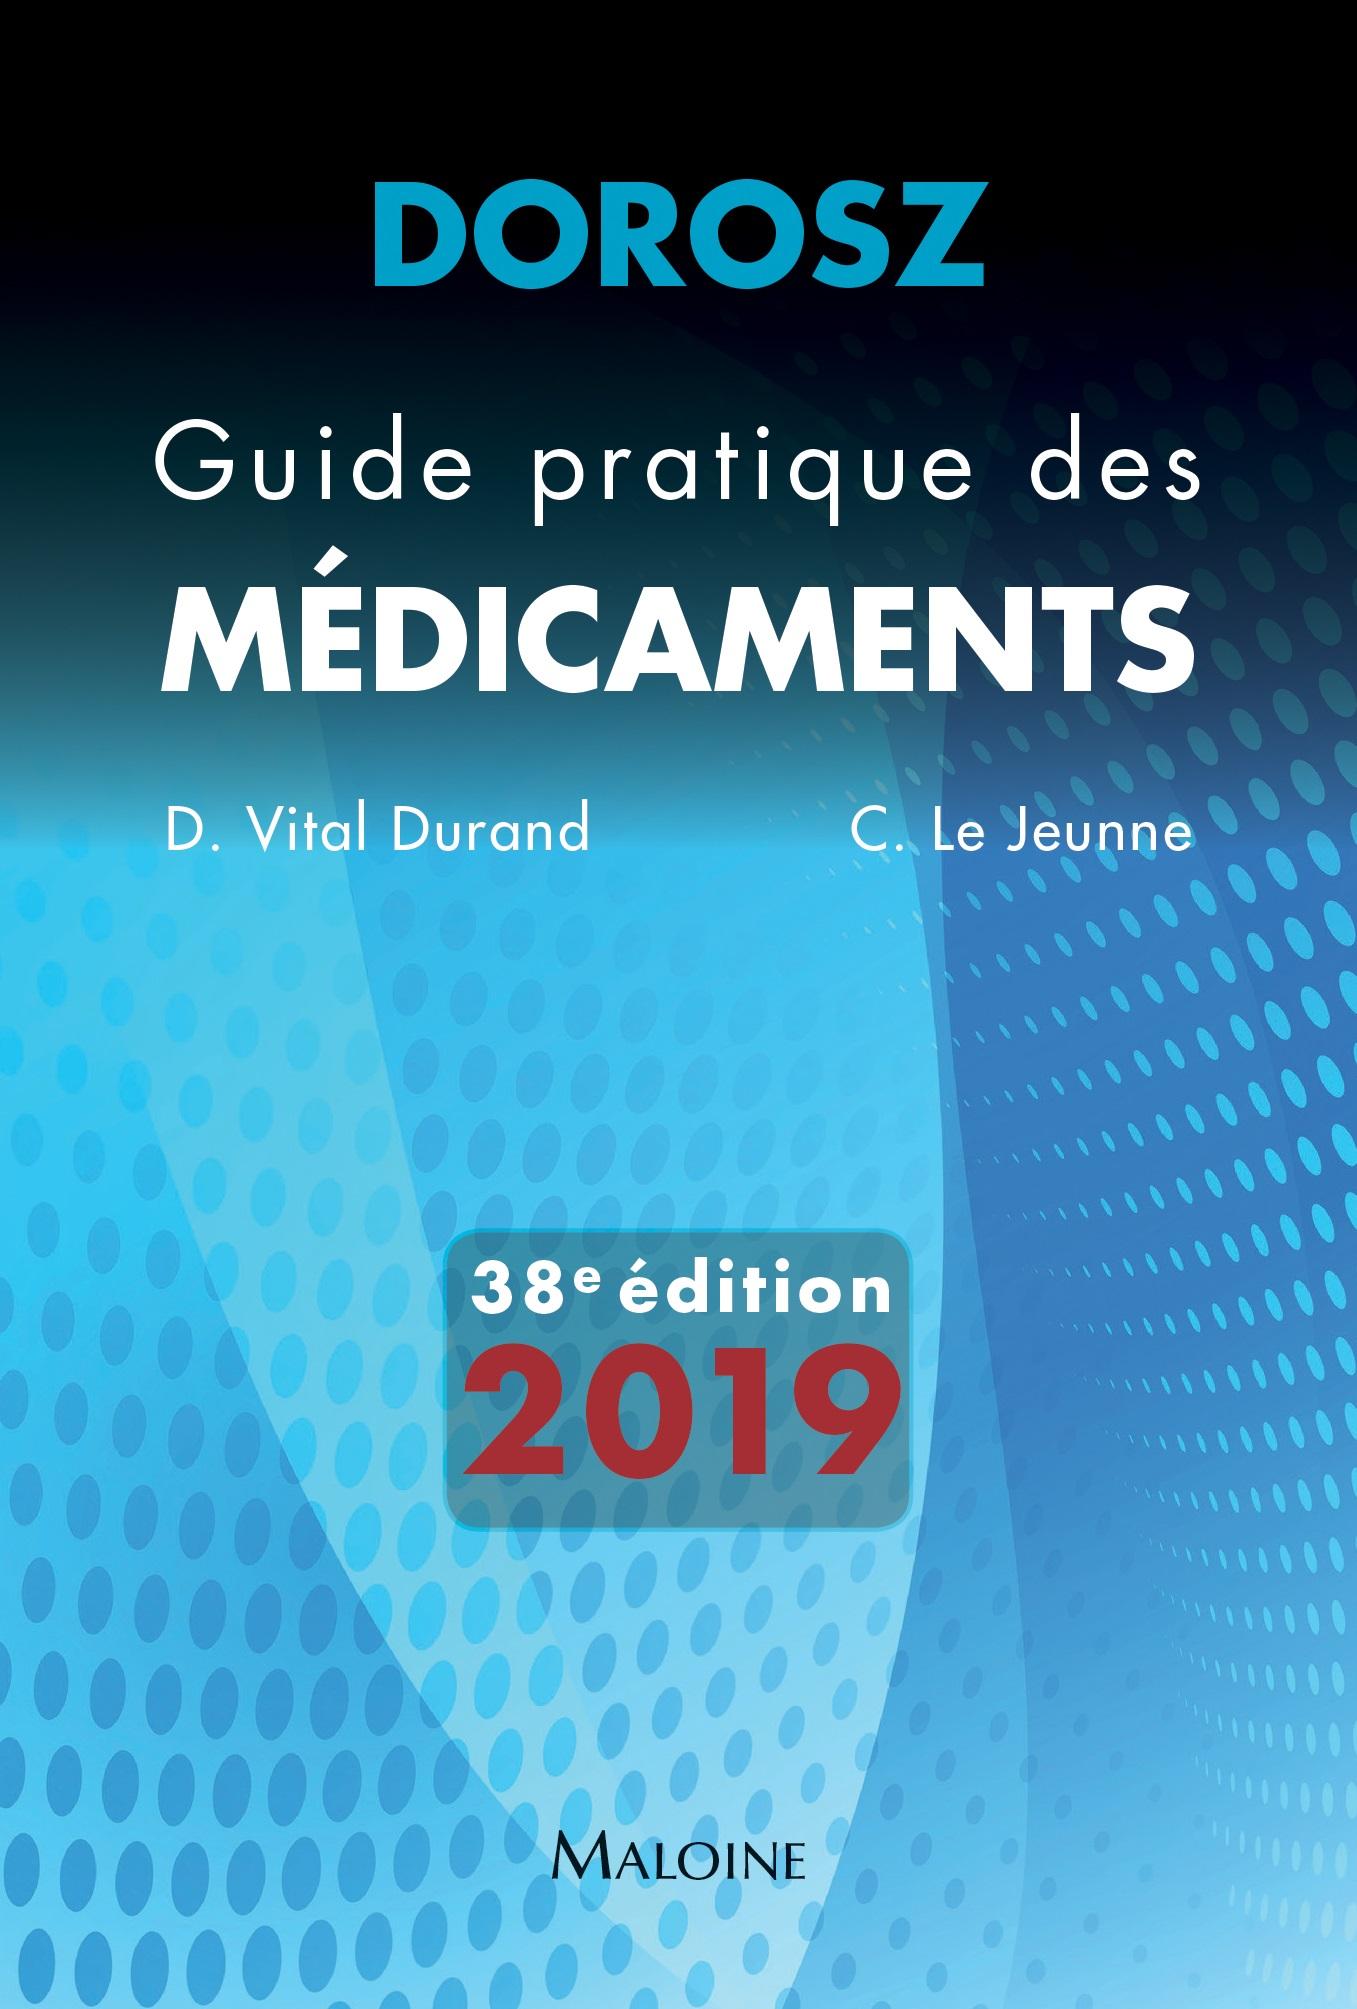 Dorosz Guide pratique des Médicaments 2019, 38e éd.